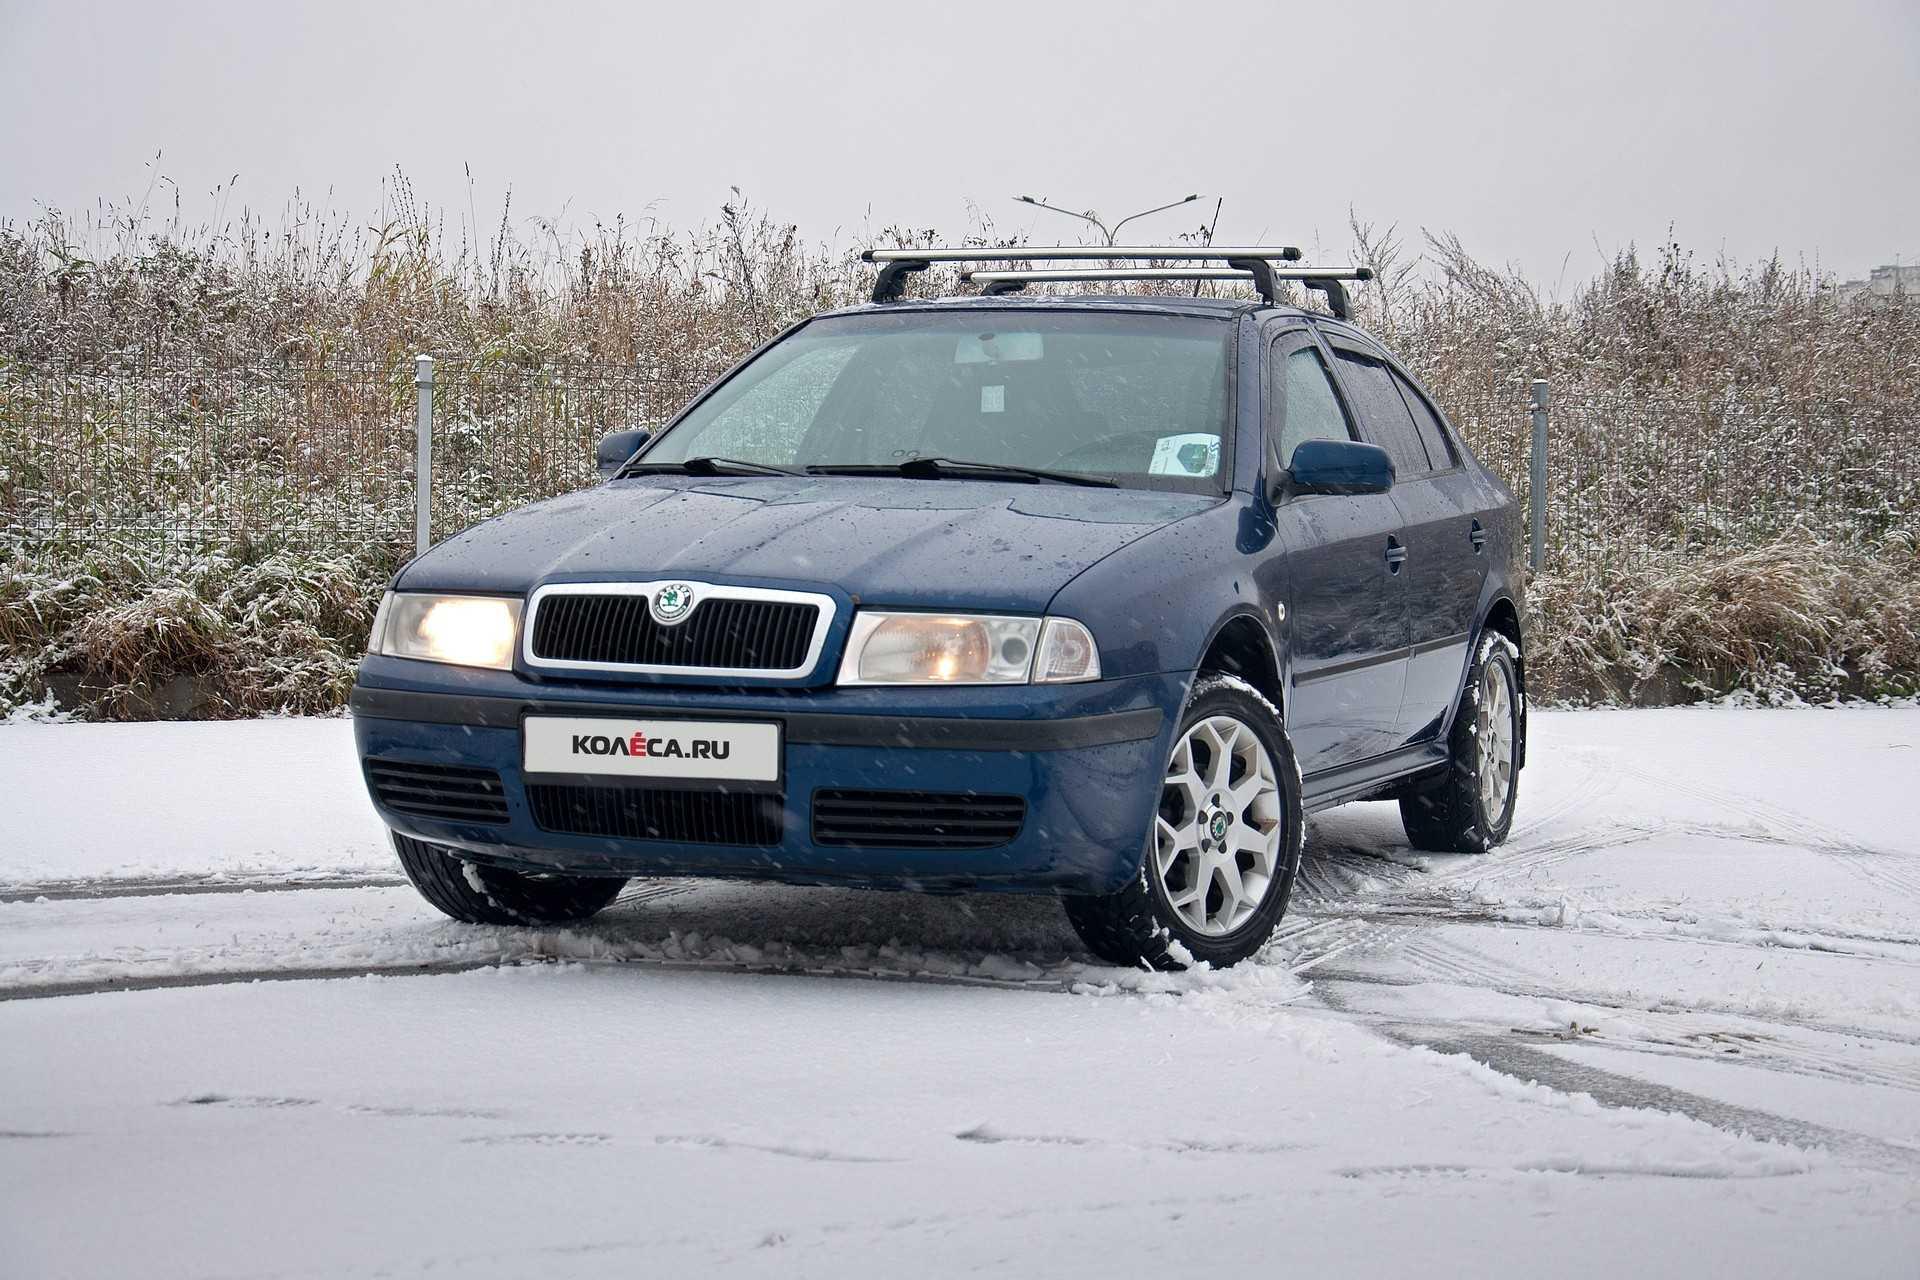 Готовьте вашу карту: ремонт и обслуживание Škoda Octavia Tour - КОЛЕСА.ру – автомобильный журнал